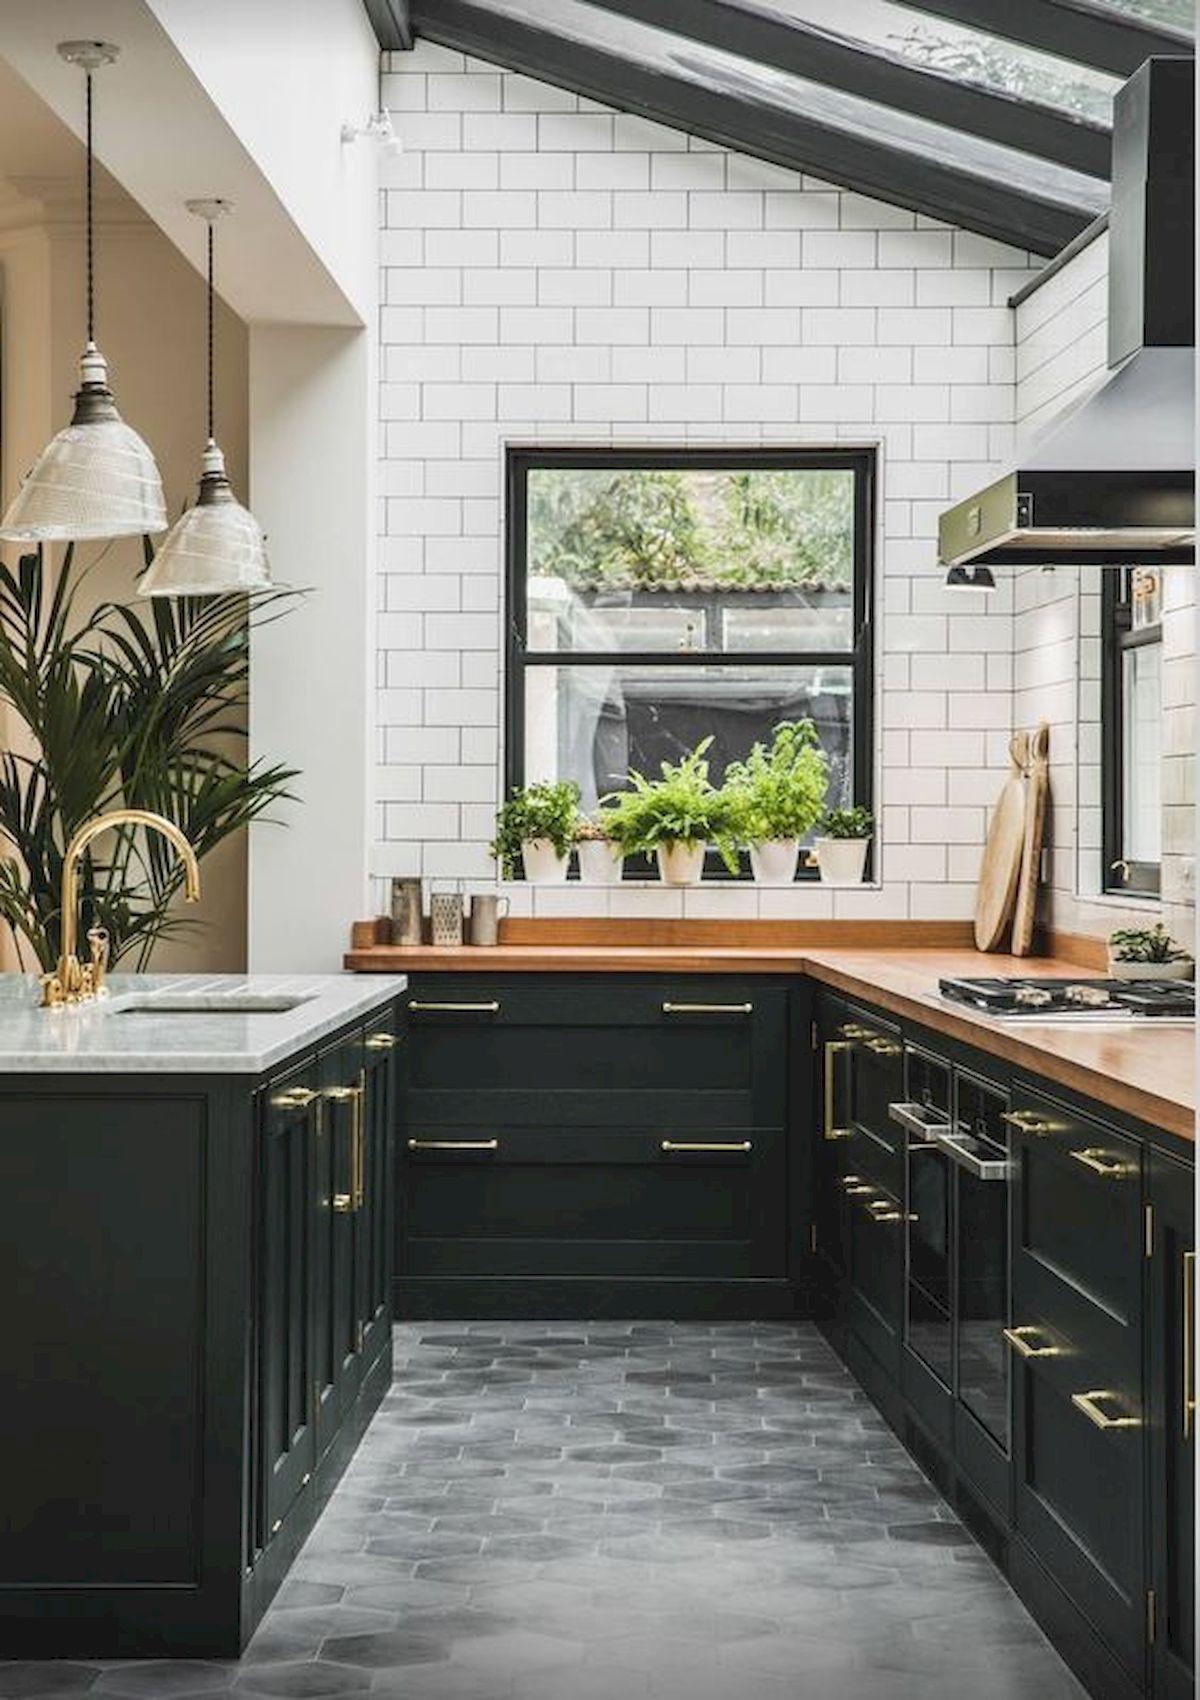 zwarte keuken chic landelijk